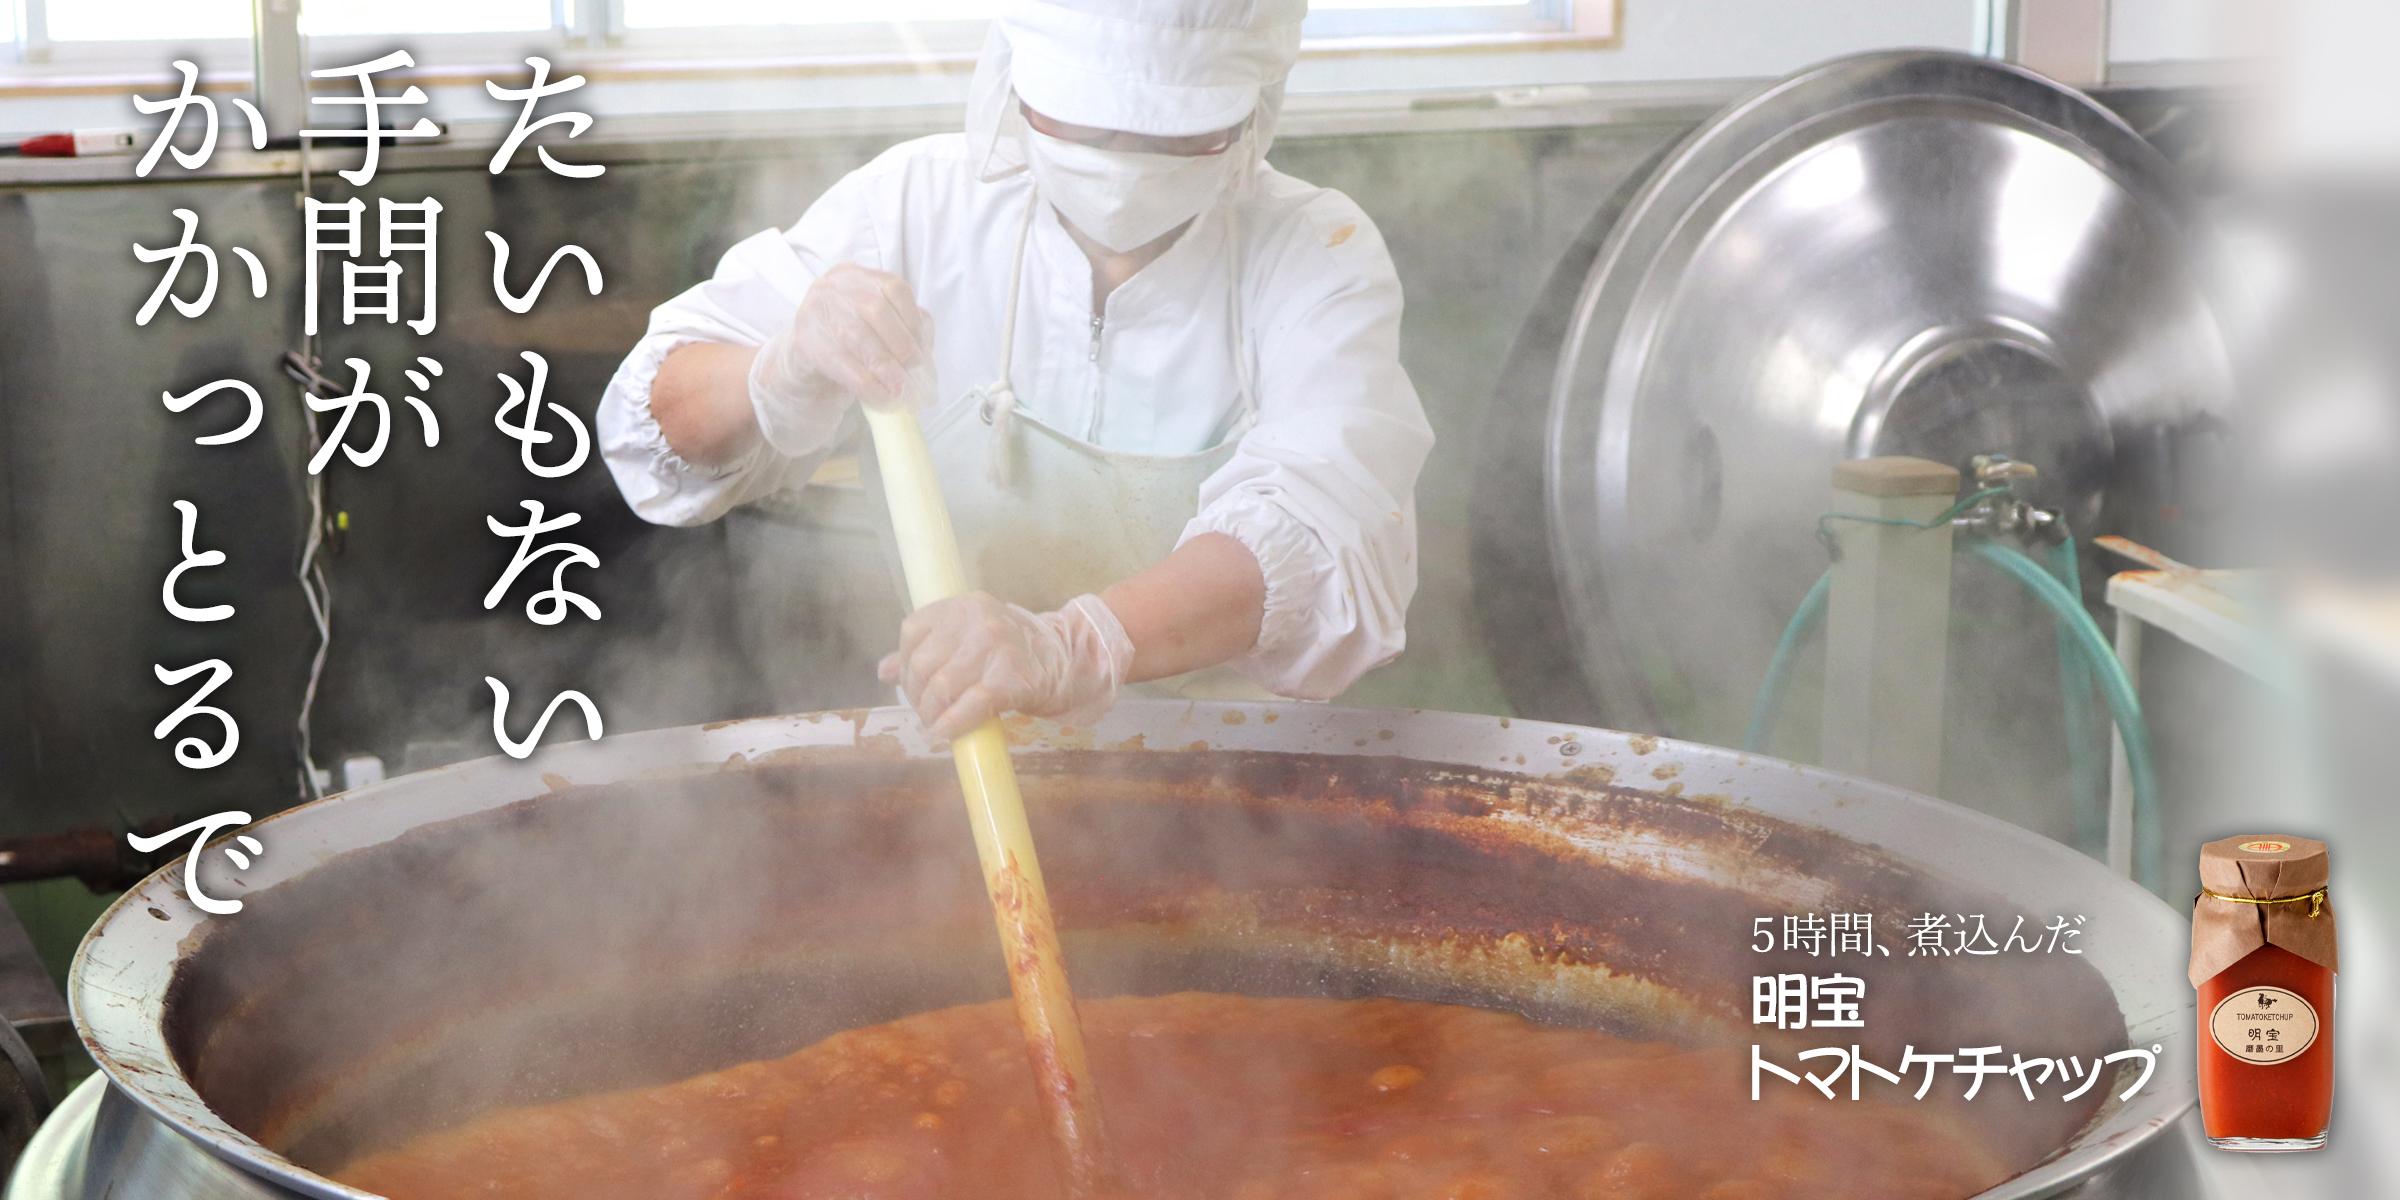 当店一押しの明宝トマトケチャップは、各メディアで日本一のケチャップとよばれとるんや~